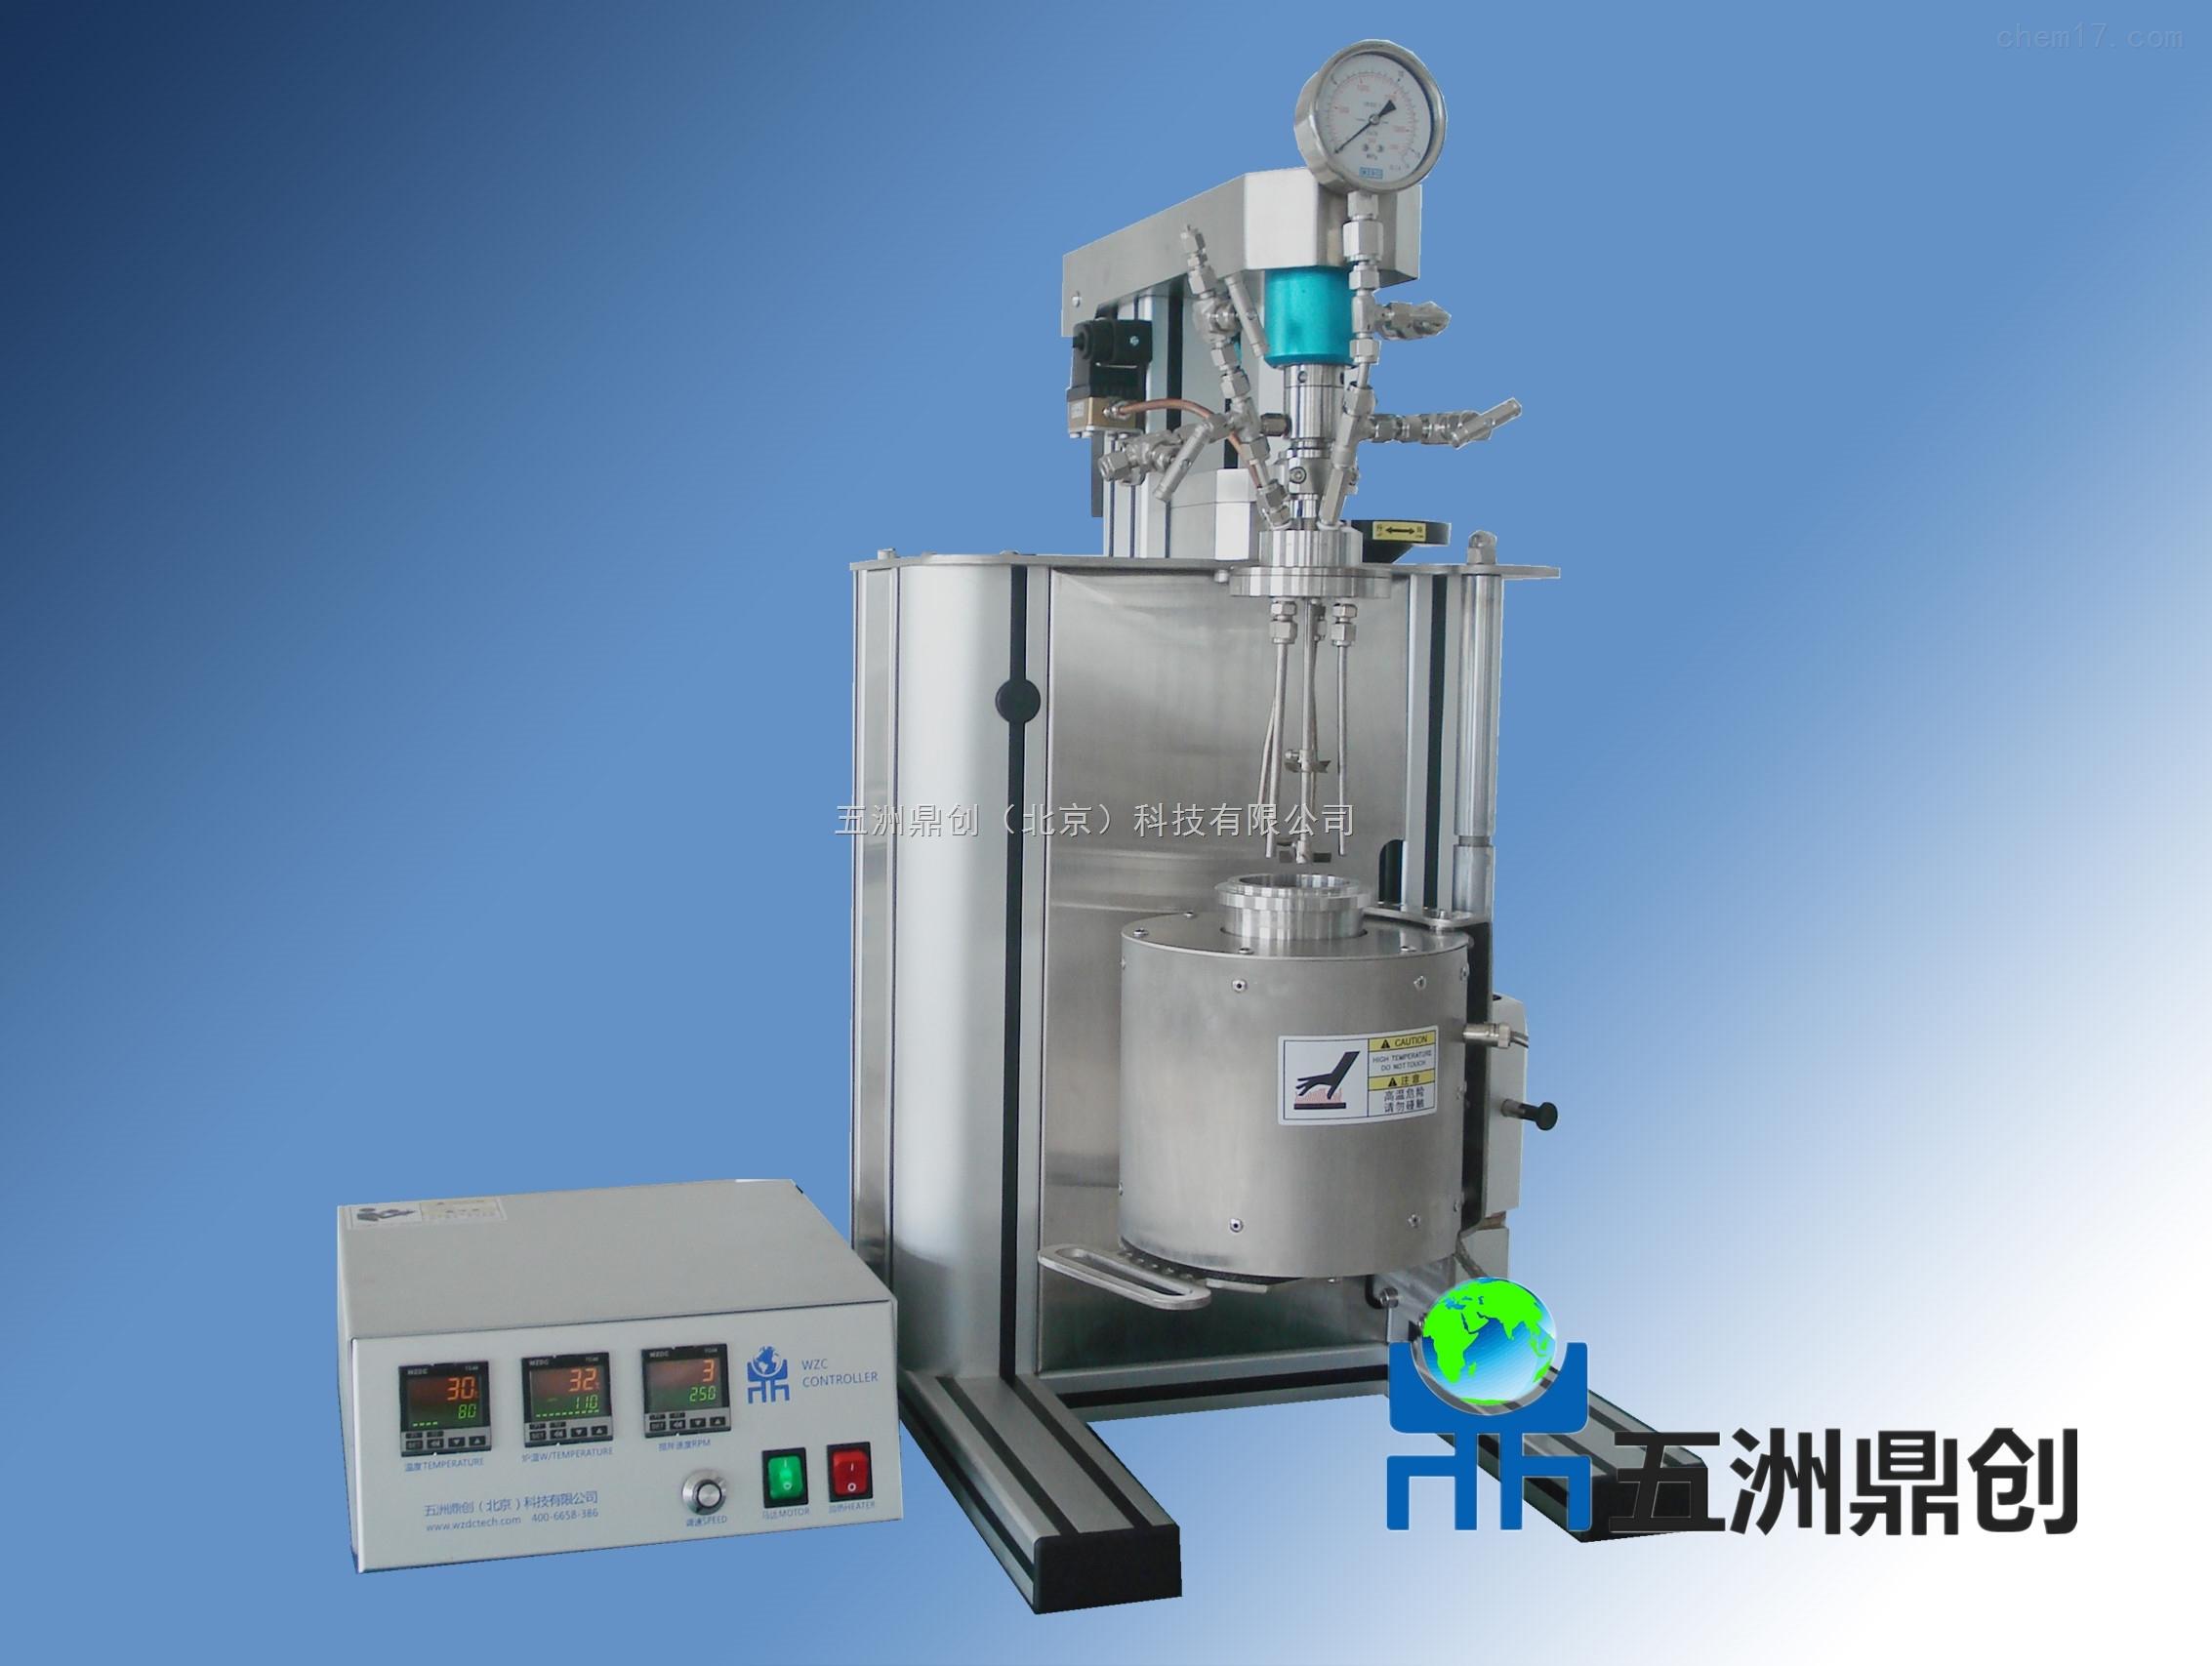 WZ电加热高压反应釜制造,耐酸碱高压釜厂家